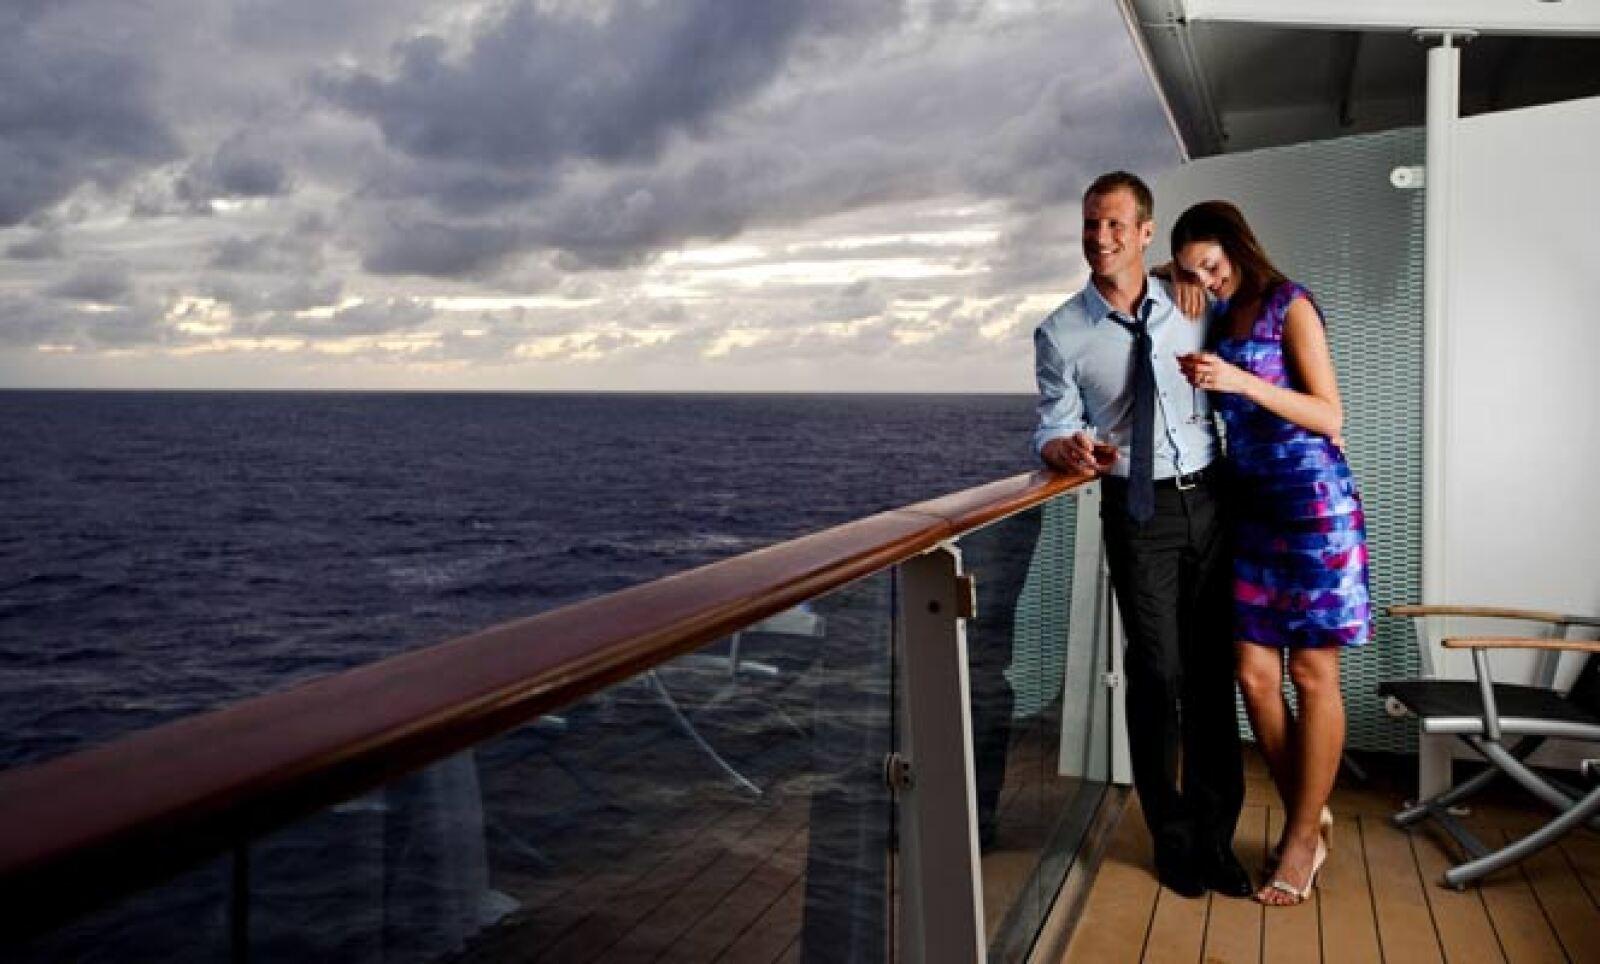 El Allure of the Seas de Royal Caribbean International trae consigo una nueva gama de características al sector de cruceros, como el segundo barco más grande del mundo.